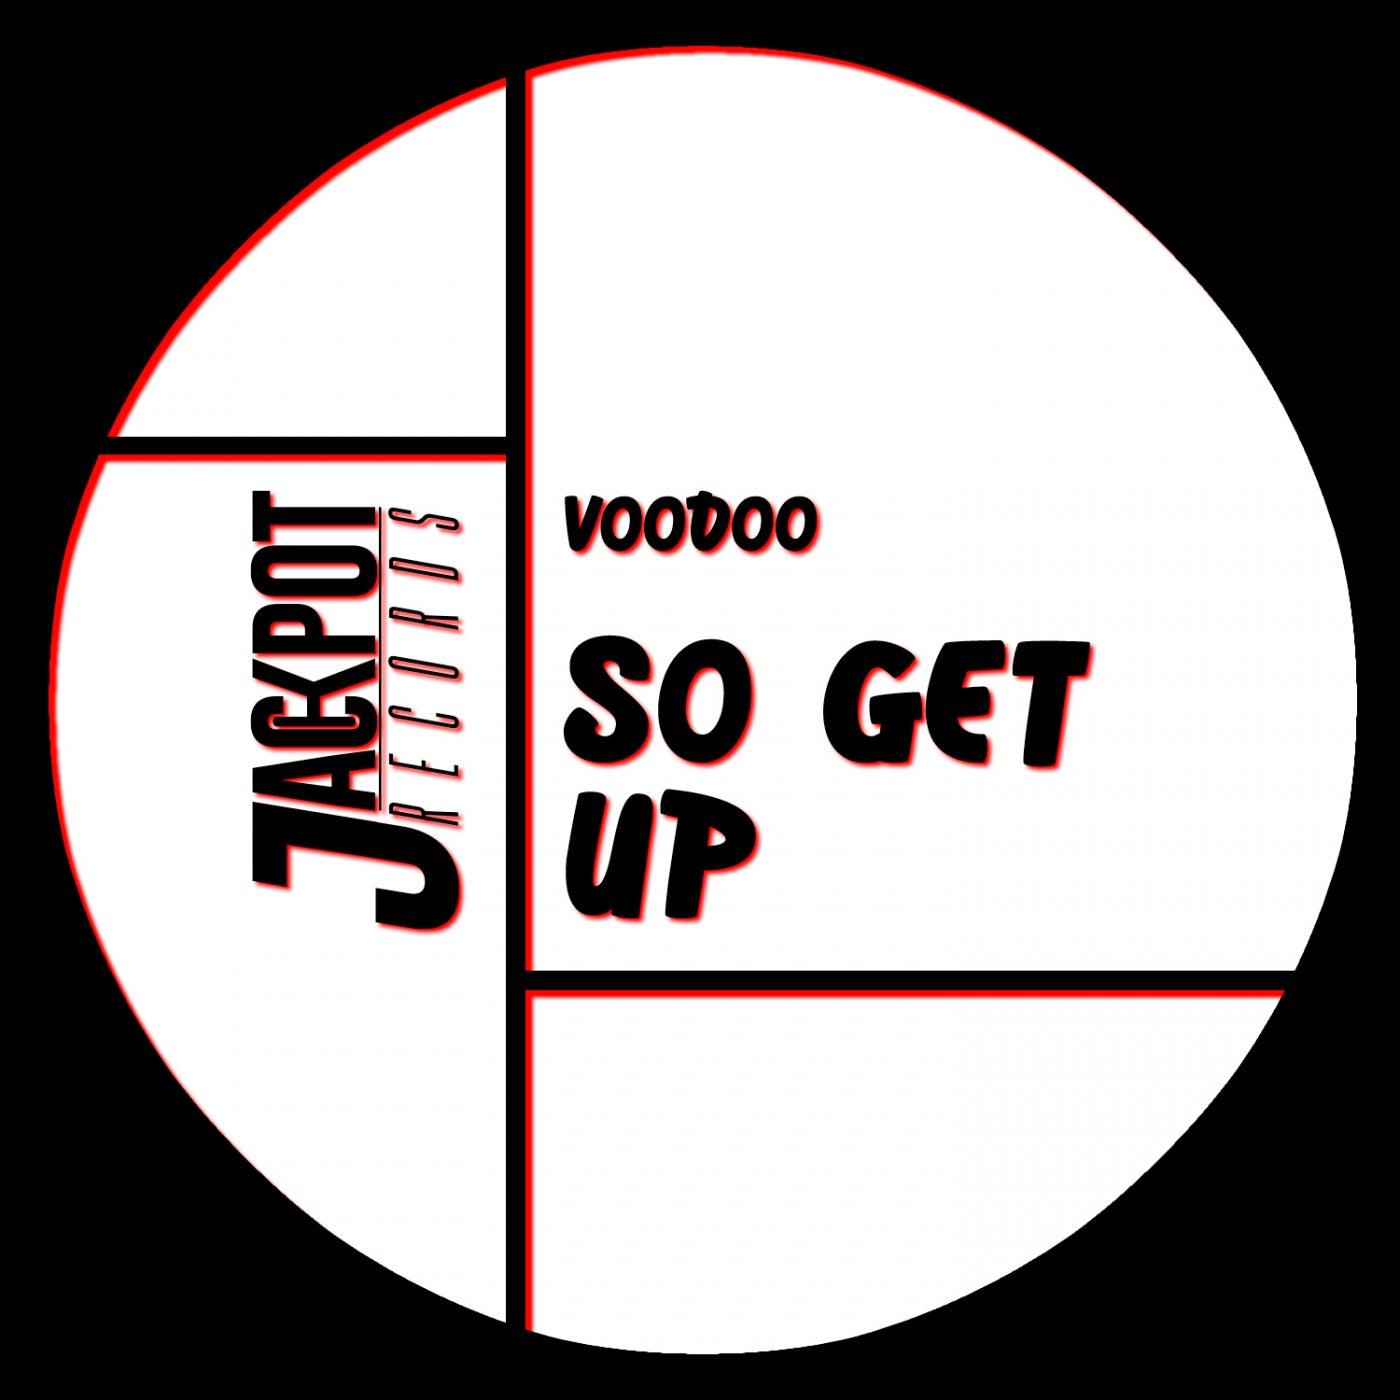 So Get Up (Original Mix)